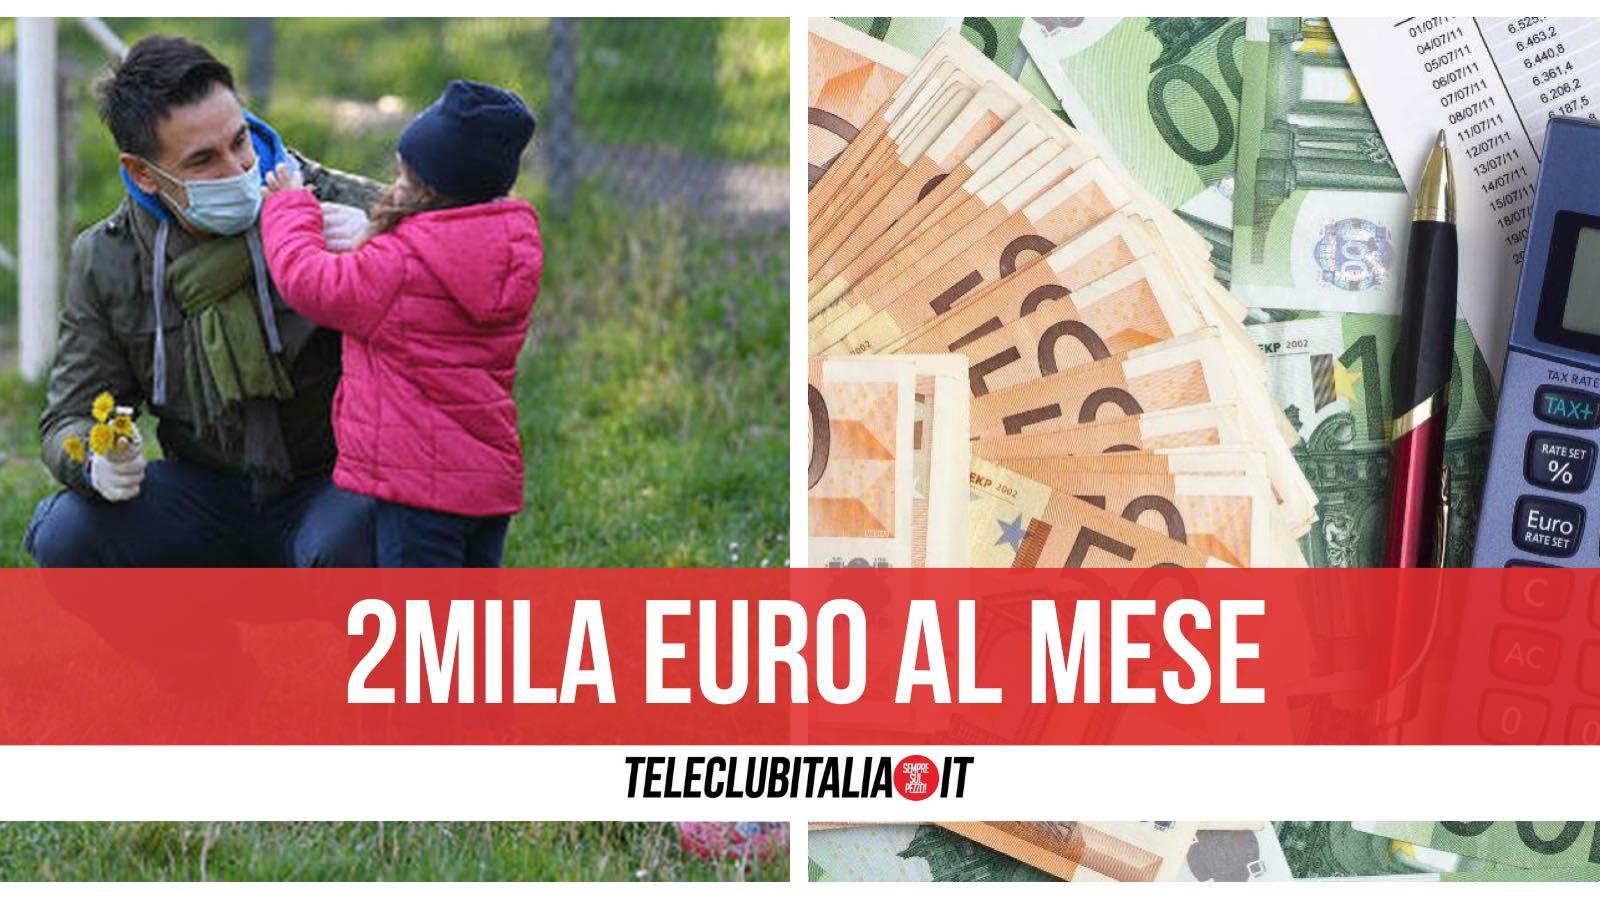 assegno unico reddito di cittadinanza cumulo 2mila euro